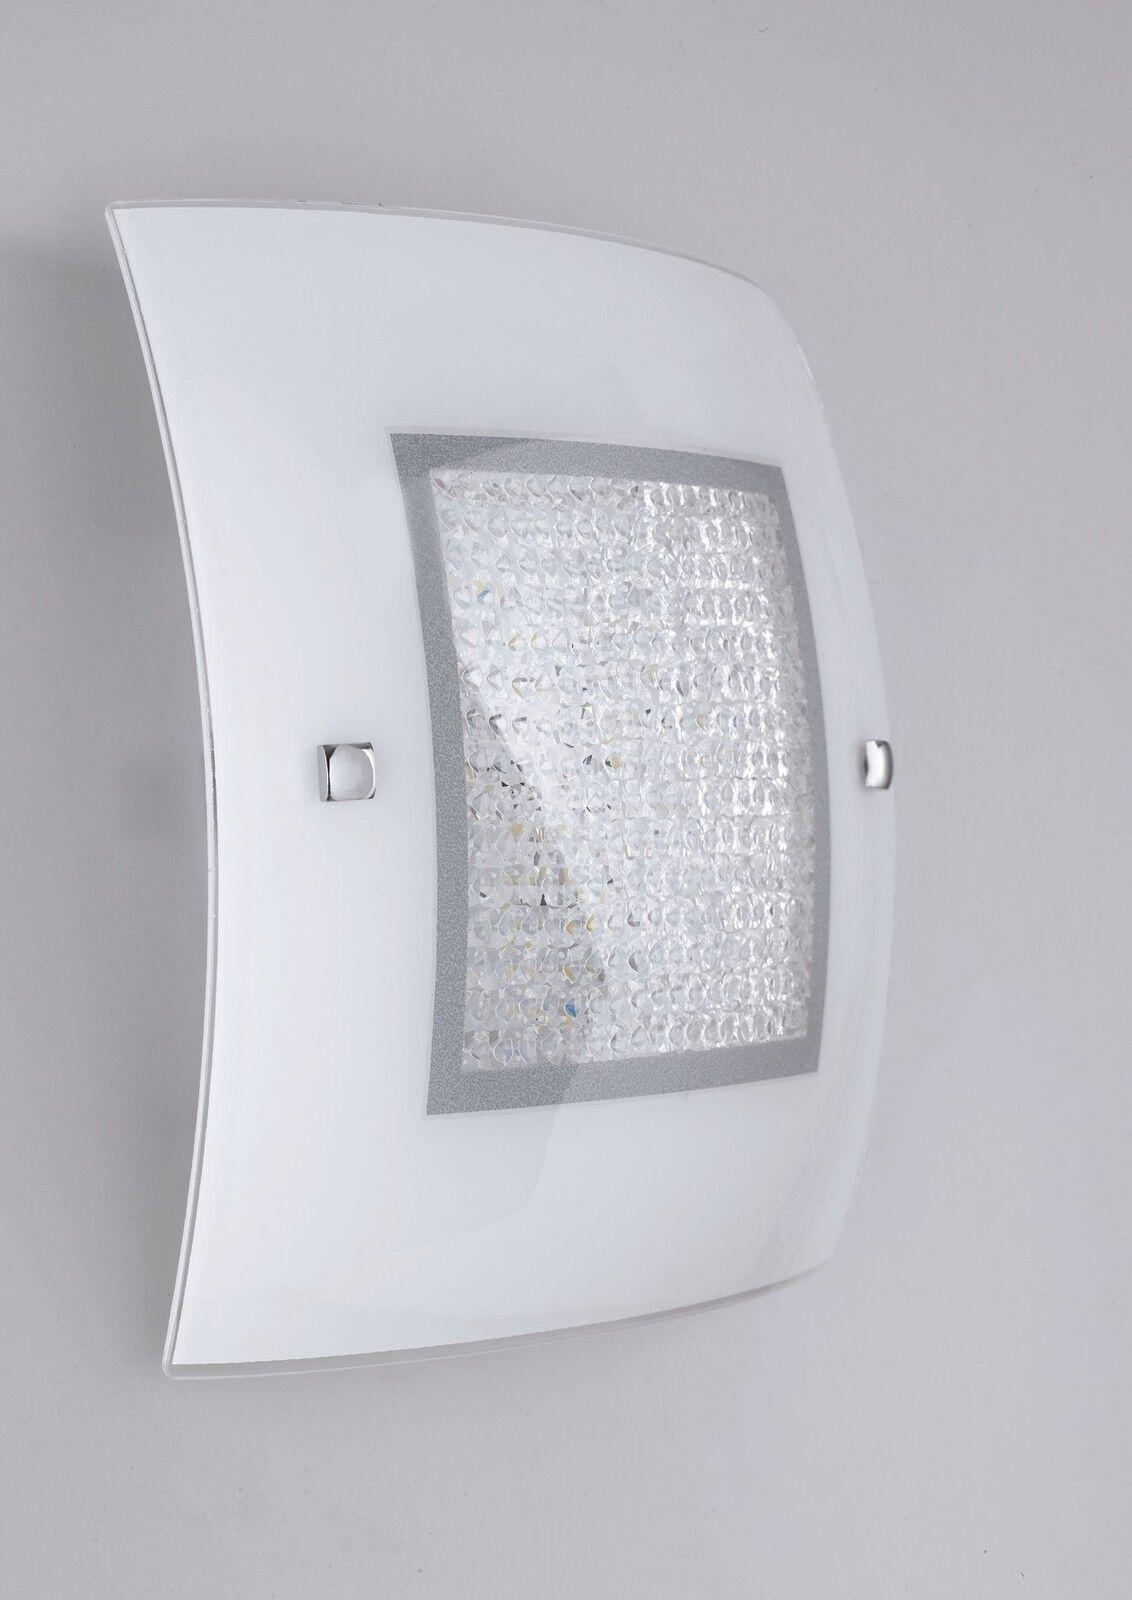 SUSAN PLAFONIERA MODERNO VETRO E E E CRISTALLO LED | D'être Très Apprécié Et Loué Par Les Consommateurs  e638e5